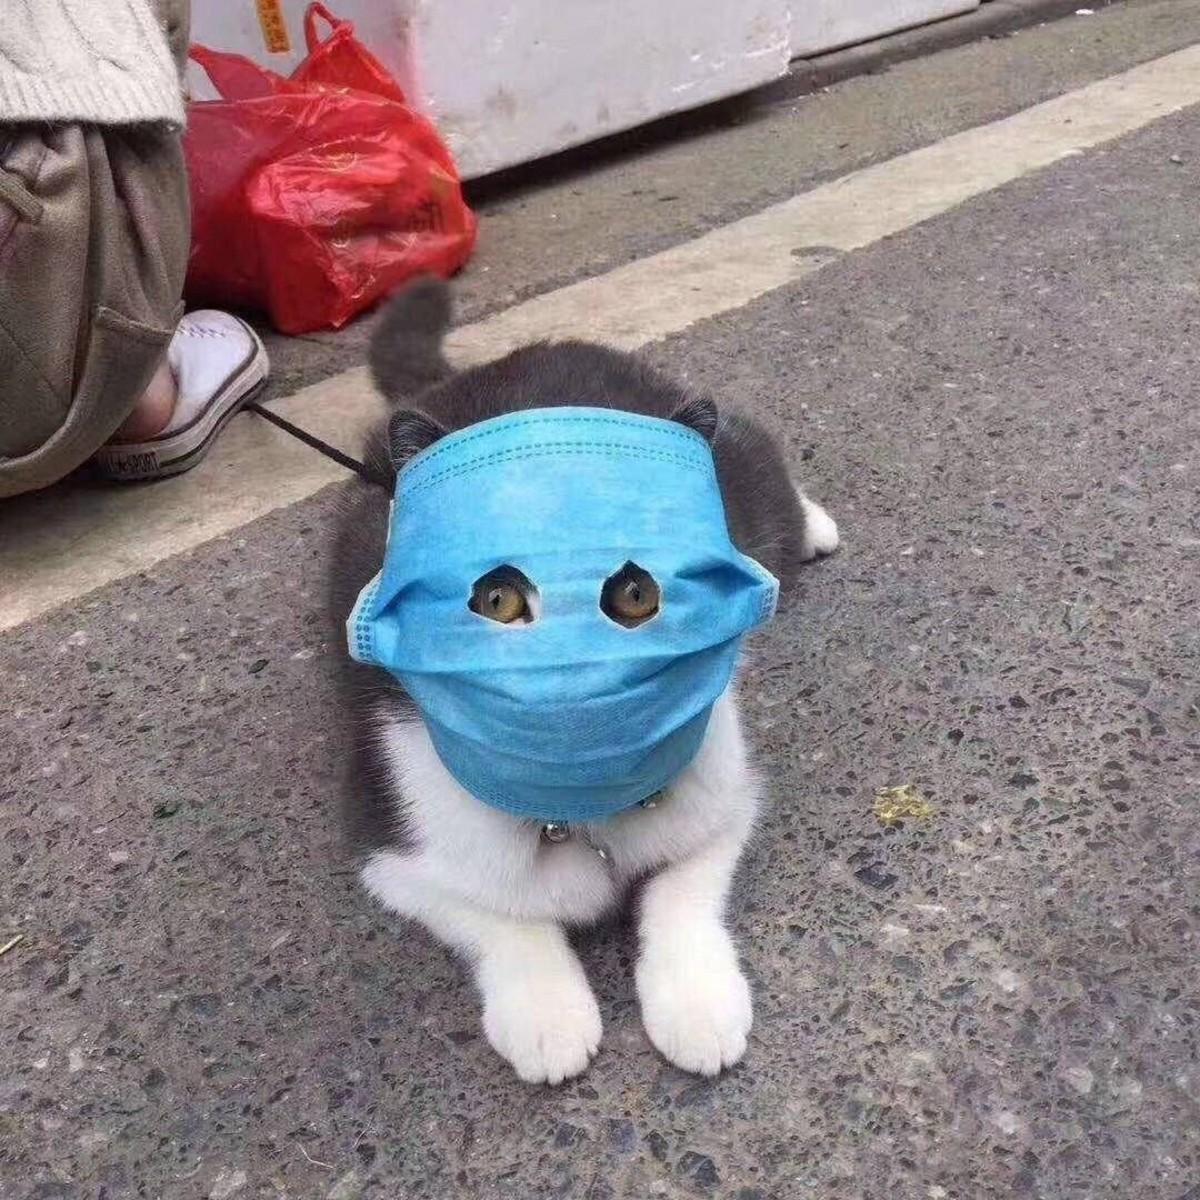 Кот в медицинской маске (картинка)